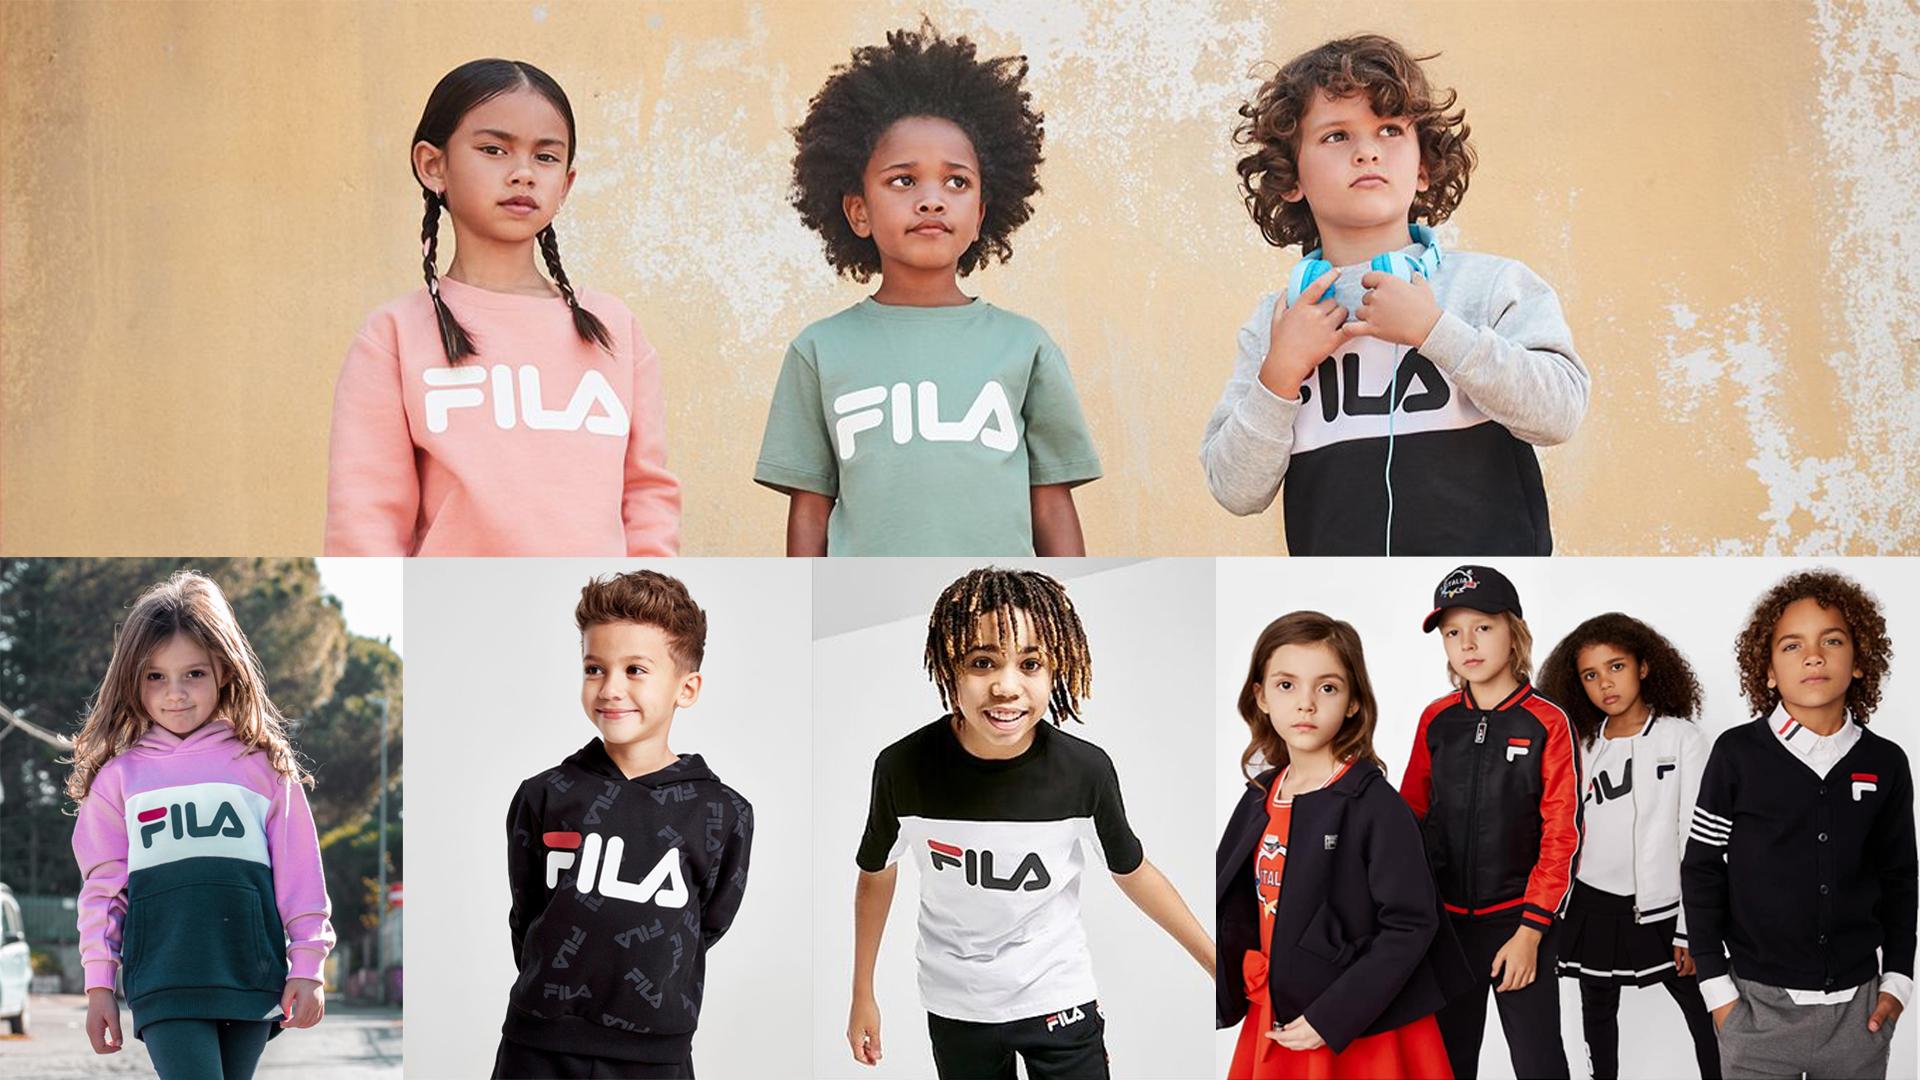 fila kids 2